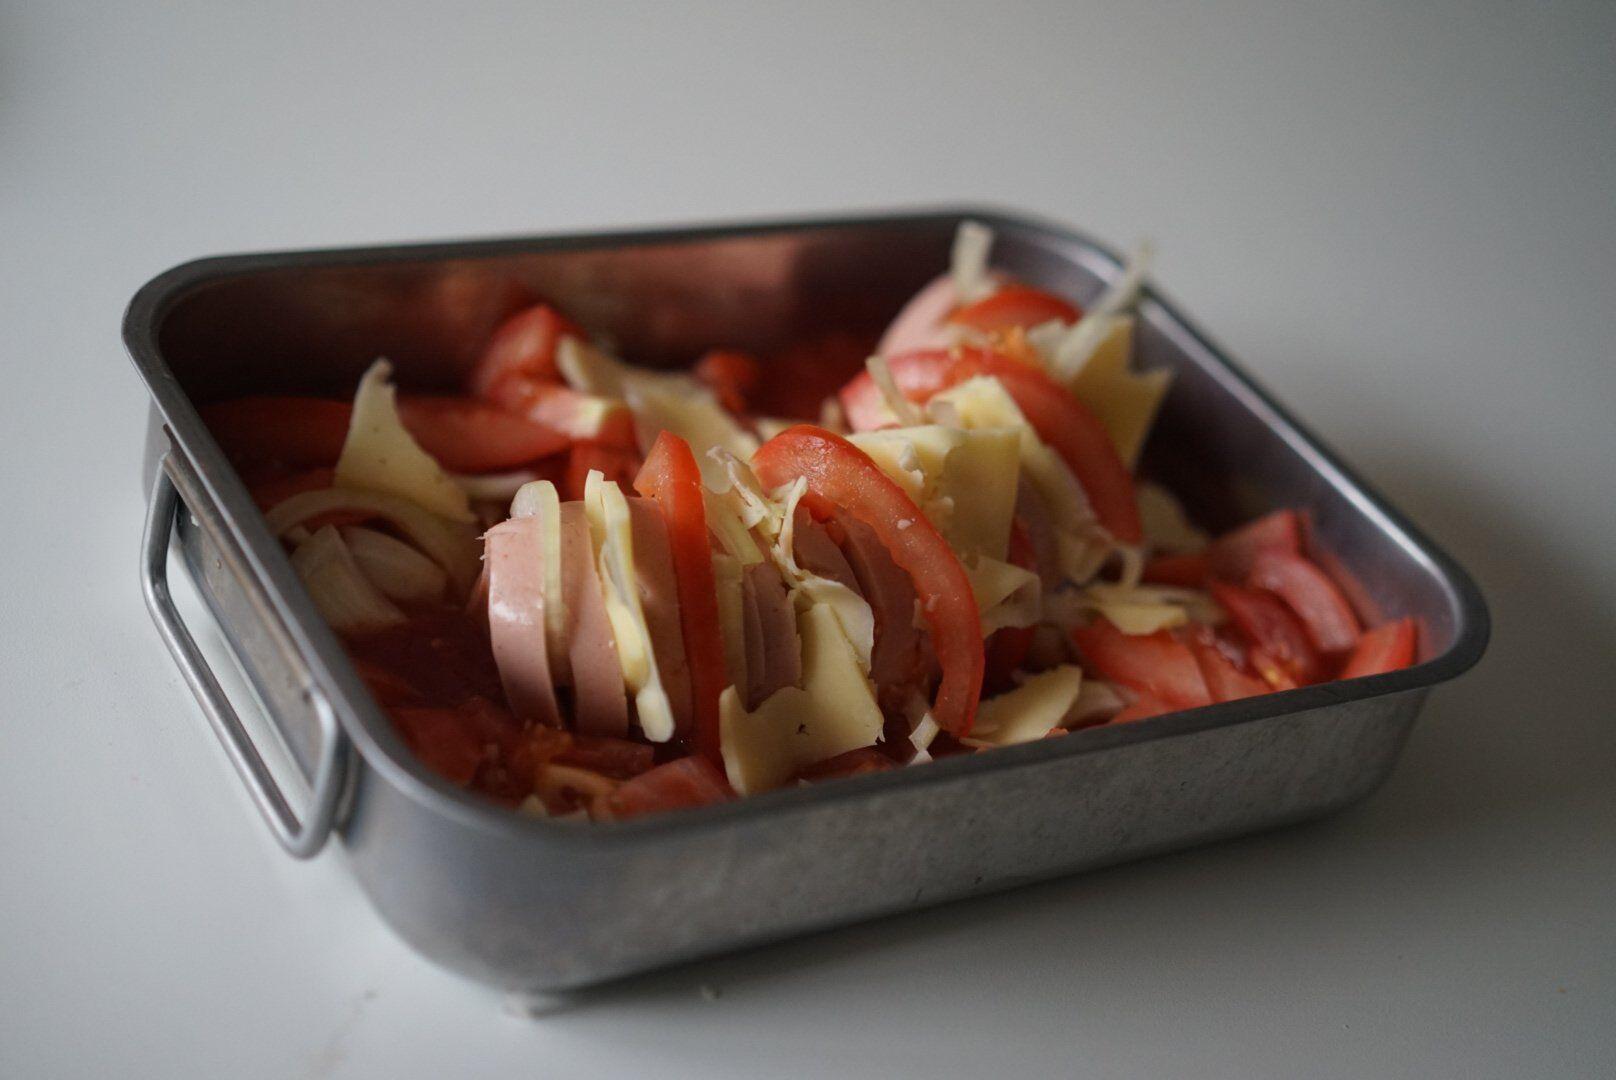 Recept Falukorv i ugnen